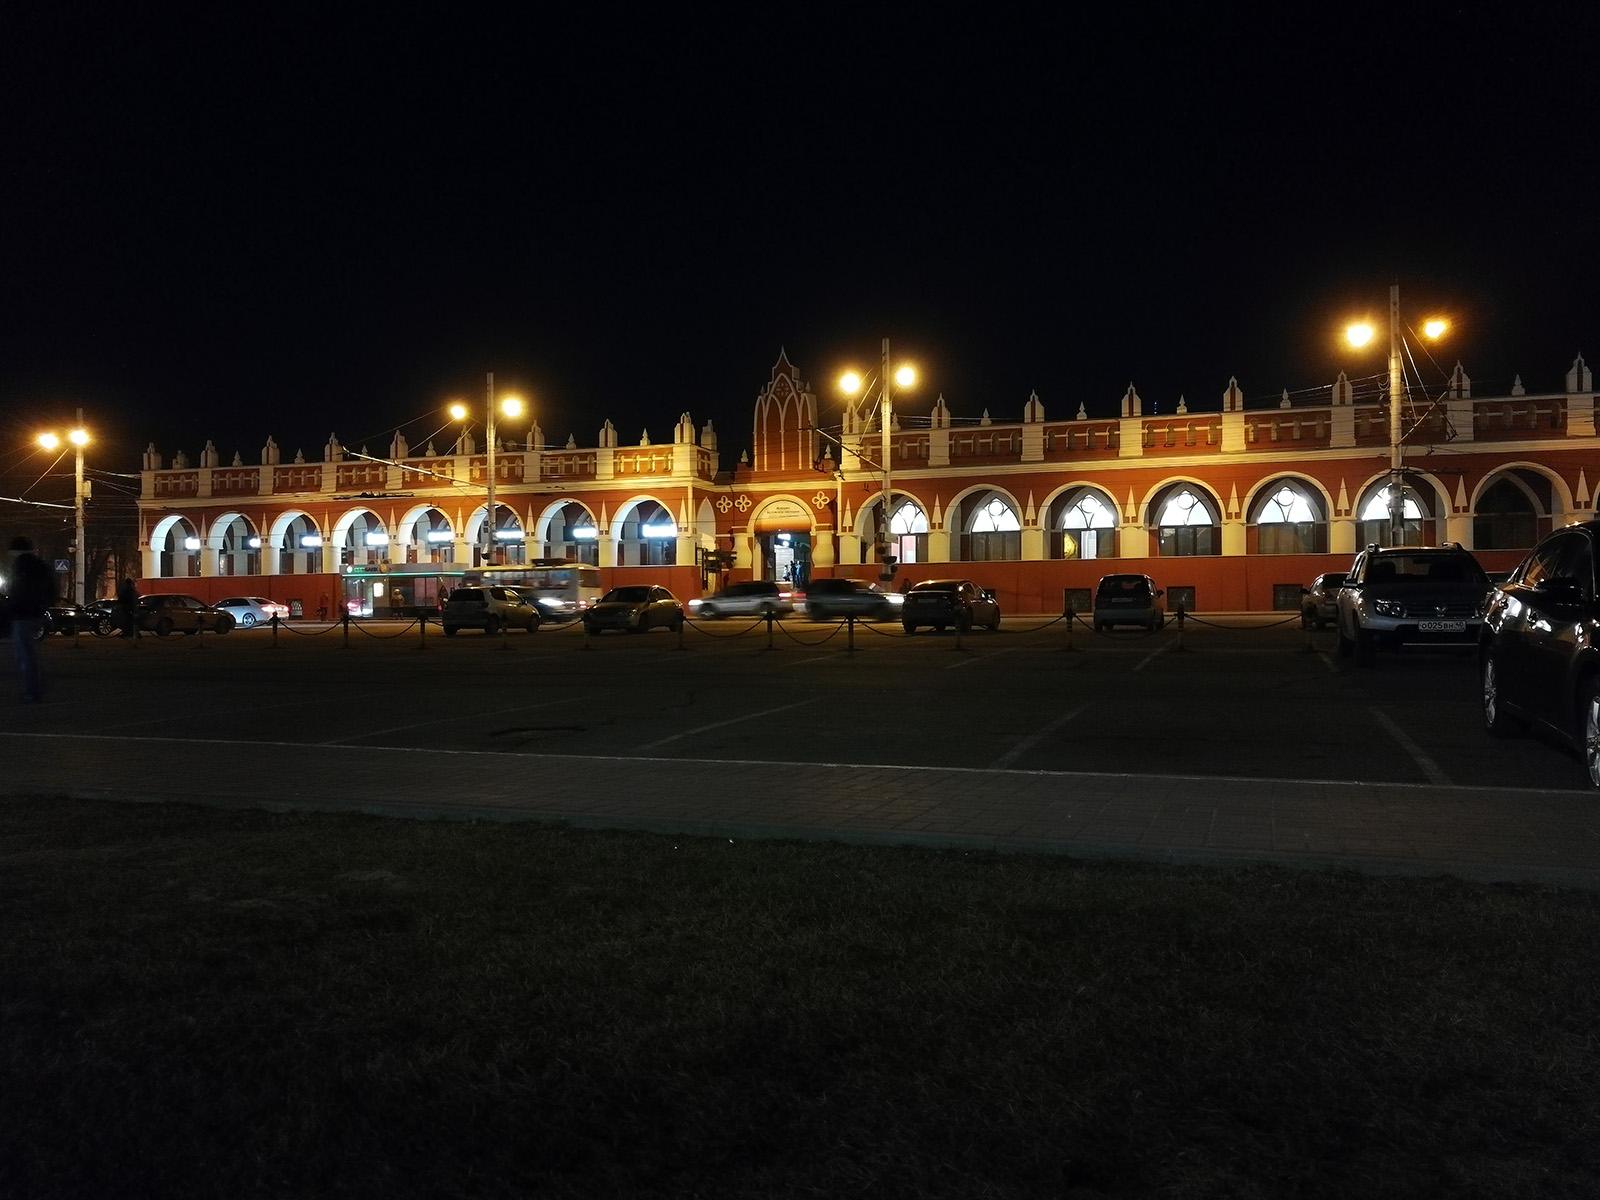 Съёмка на камеру Huawei P10 ночью